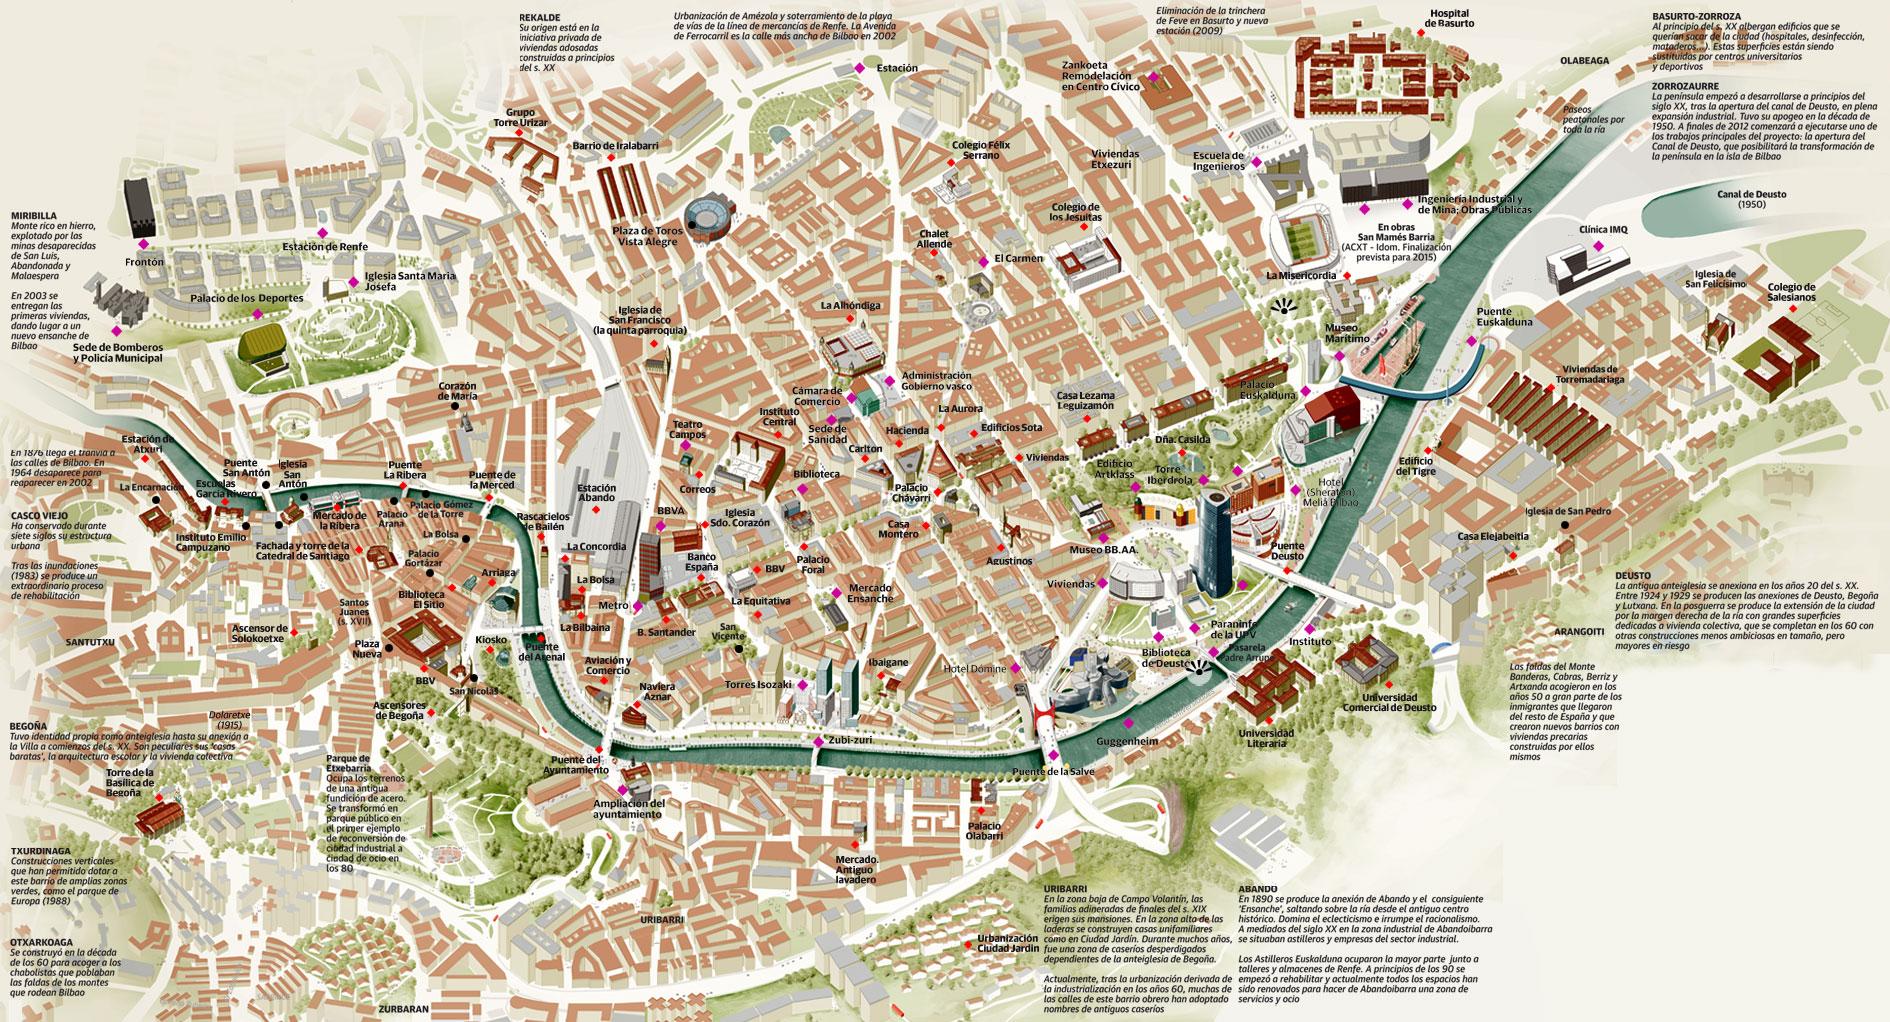 Mapa De Jaen Capital.Mapa Turistico De Jaen